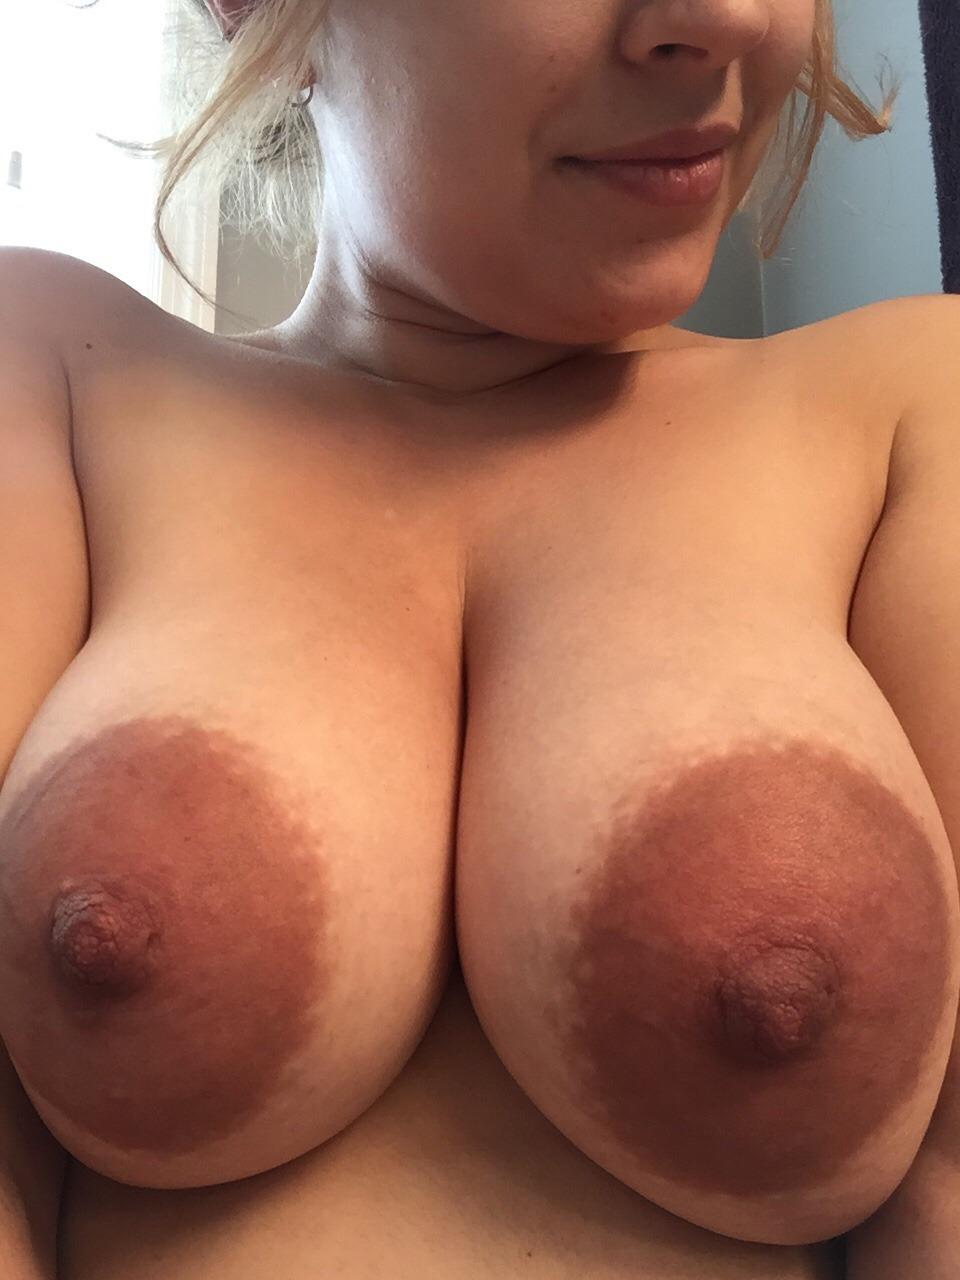 pancake nipples tumblr